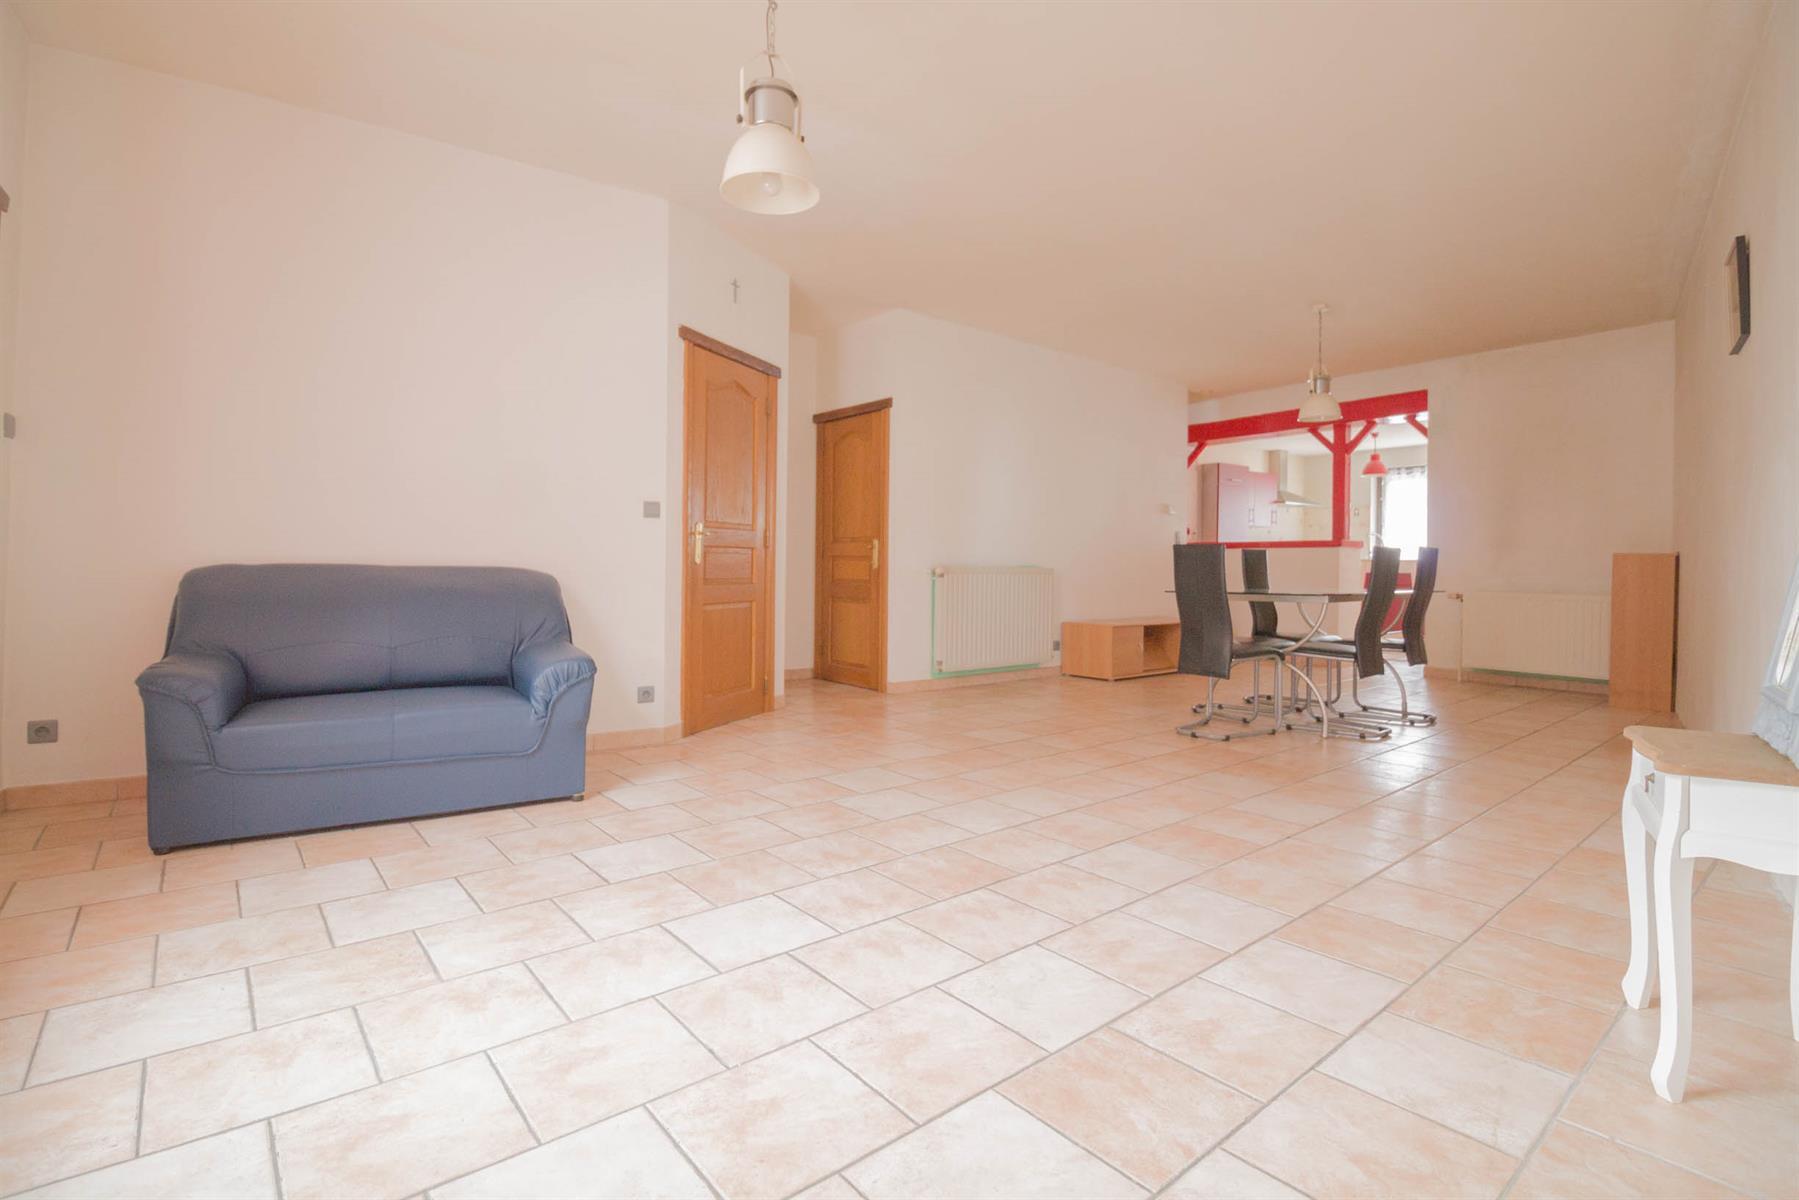 Maison - Trazegnies - #4416665-12